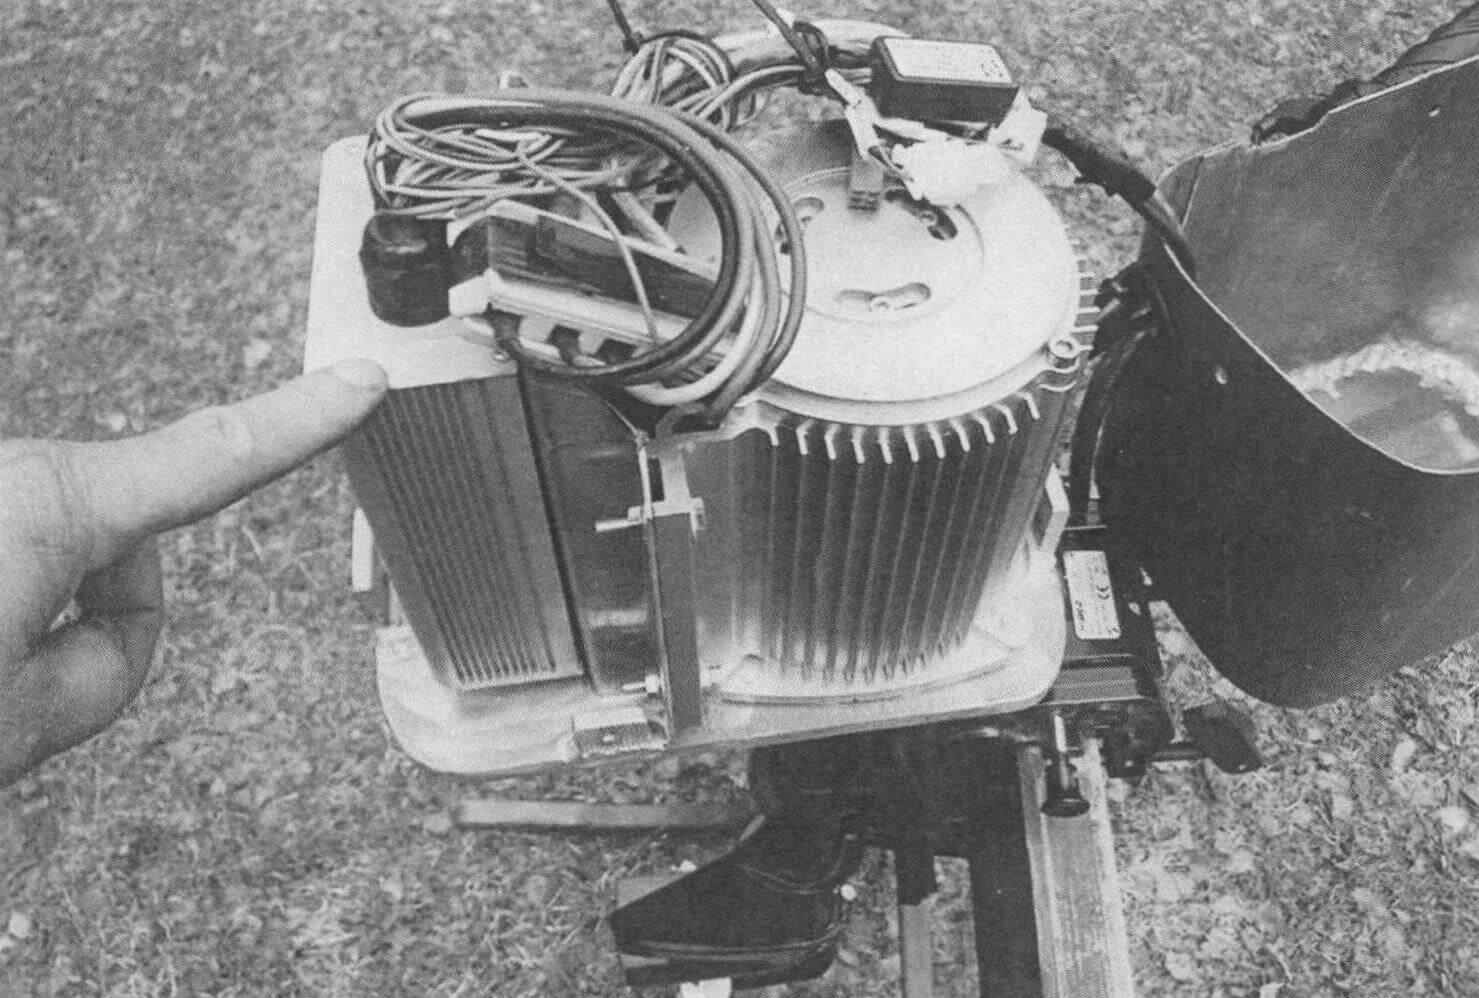 Самодельный ПЛМ Василия Румянцева мощностью до 1000 Вт. ШИМ-регулятор сблокирован с электродвигателем, имеется откидной алюминиевый колпак. Для питания использован литий-ионный аккумулятор с рабочим напряжением 48 В